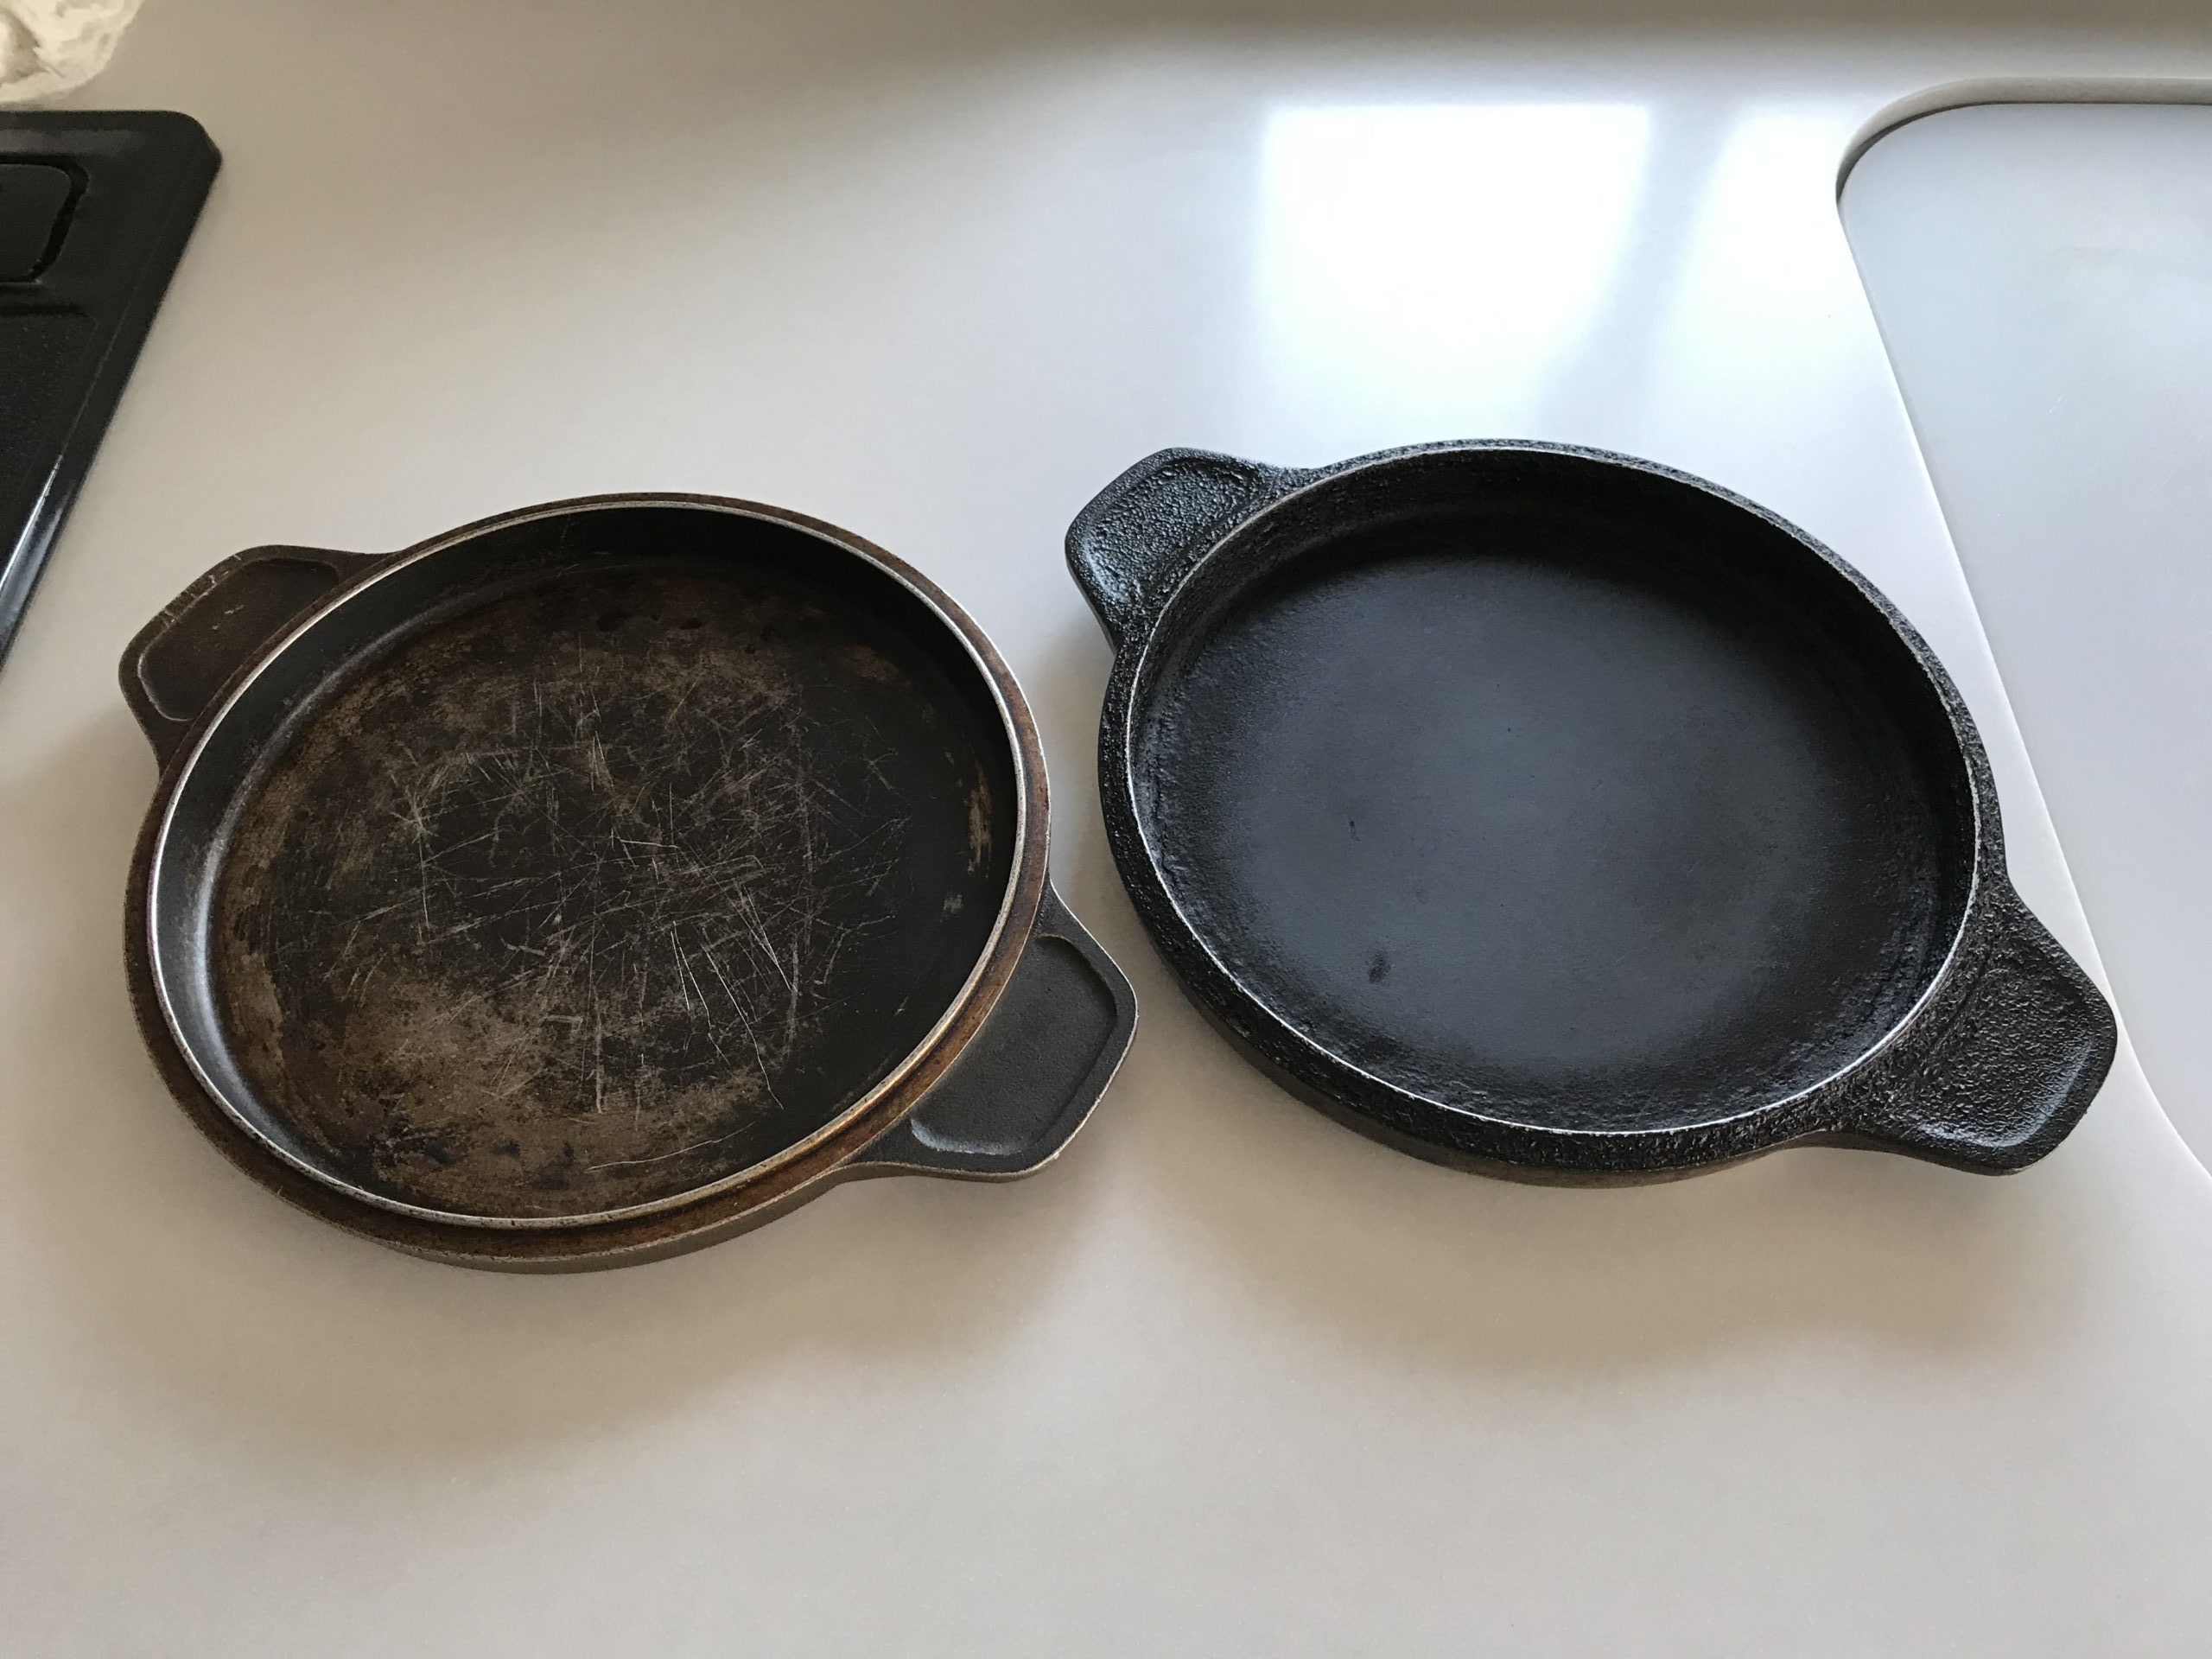 ピザ窯の代用品1:鉄鍋の蓋(2枚)